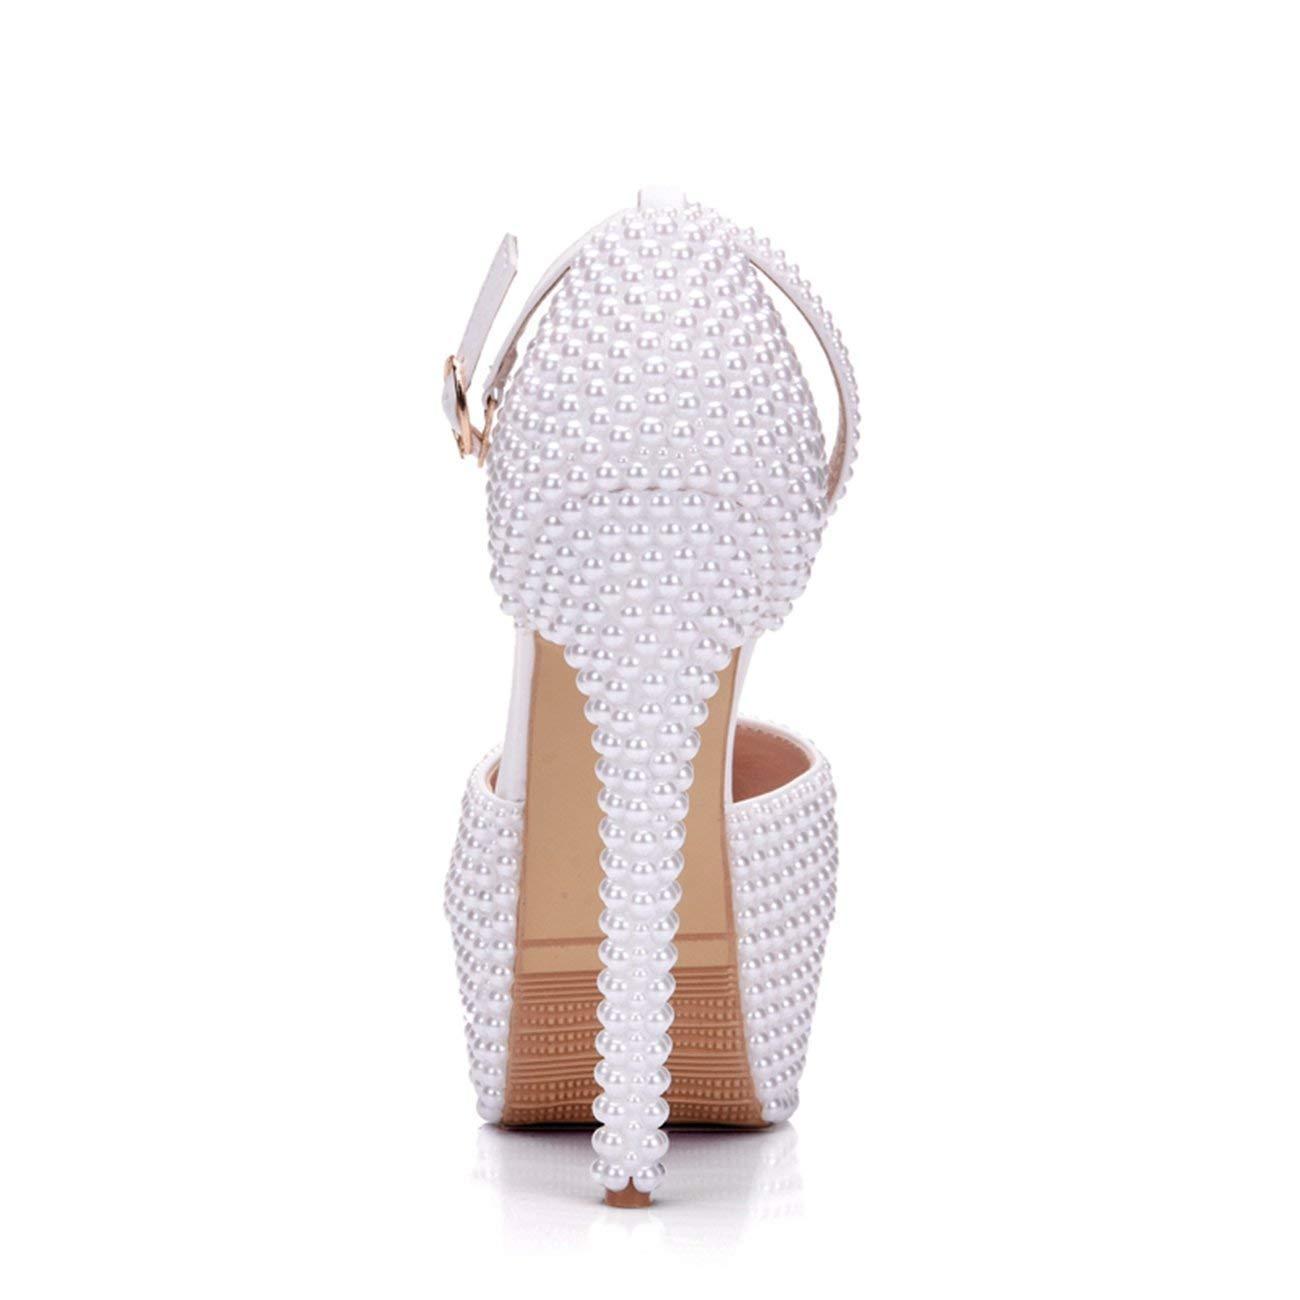 ZHRUI Damen Versteckte Plattform Knöchelriemen Perle Perlen Perlen Perlen Braut Hochzeit Schuhe (Farbe   Weiß-14cm Heel, Größe   5.5 UK) 154137